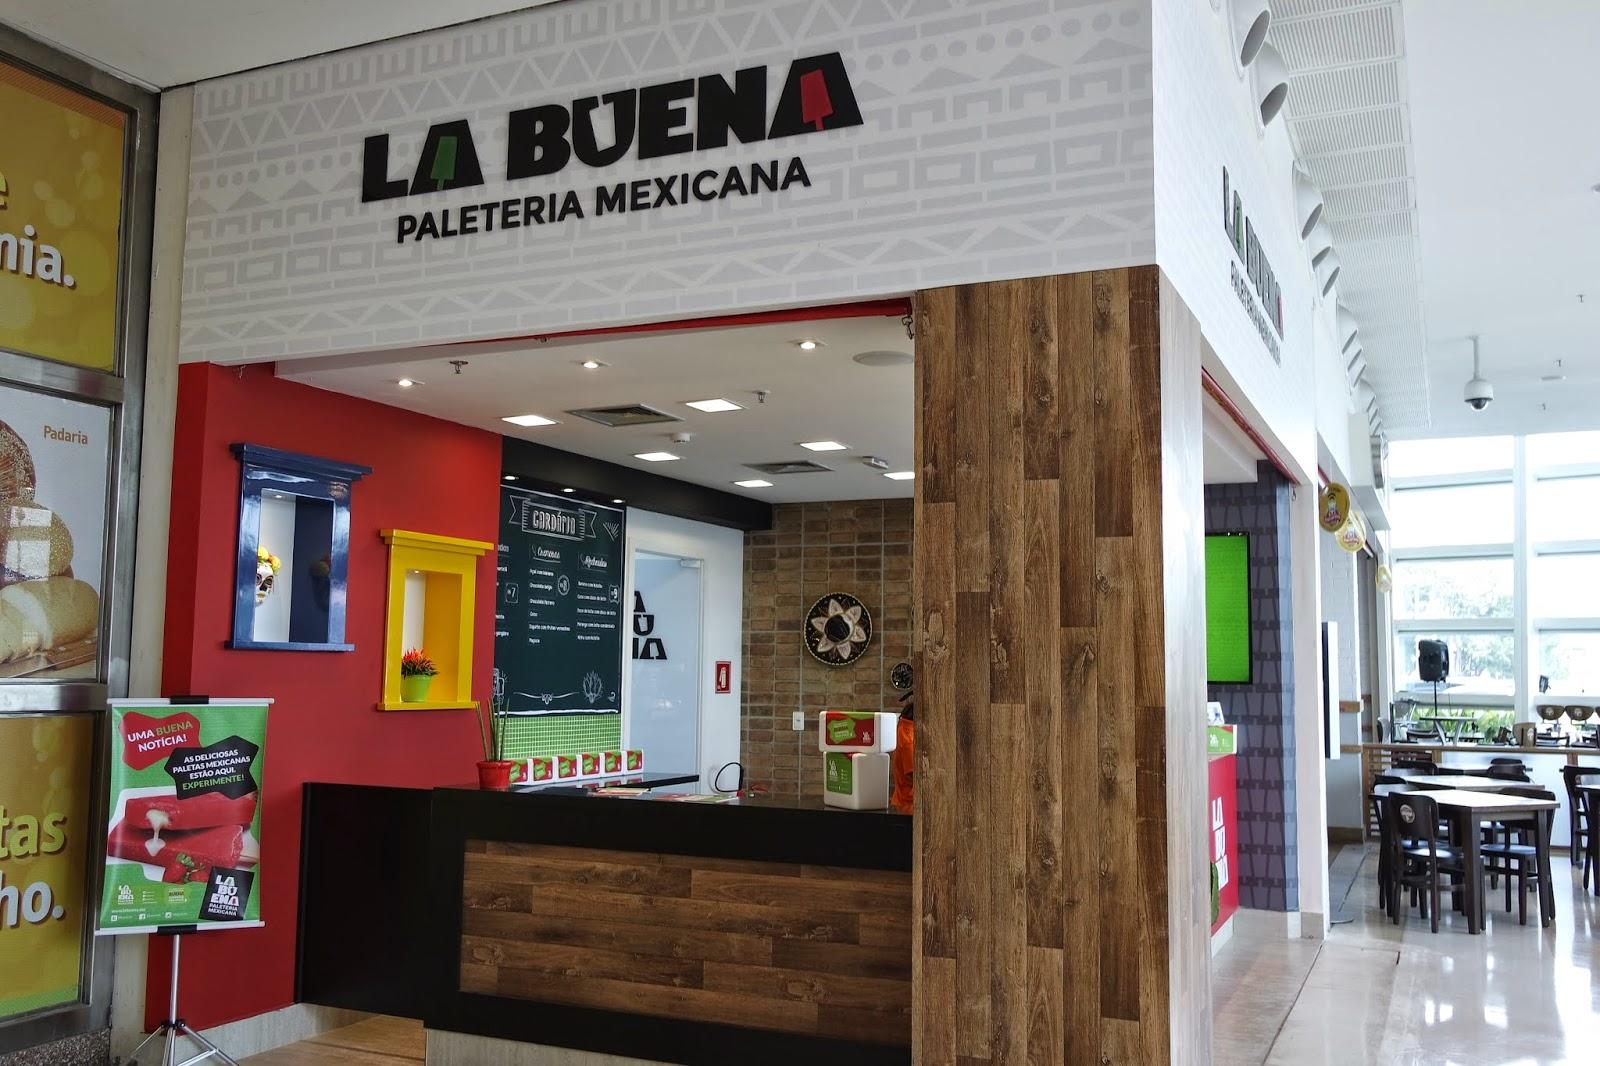 931c48e6dc6 La Buena Paleteria inaugura loja no Shopping Bonsucesso - Newtrade